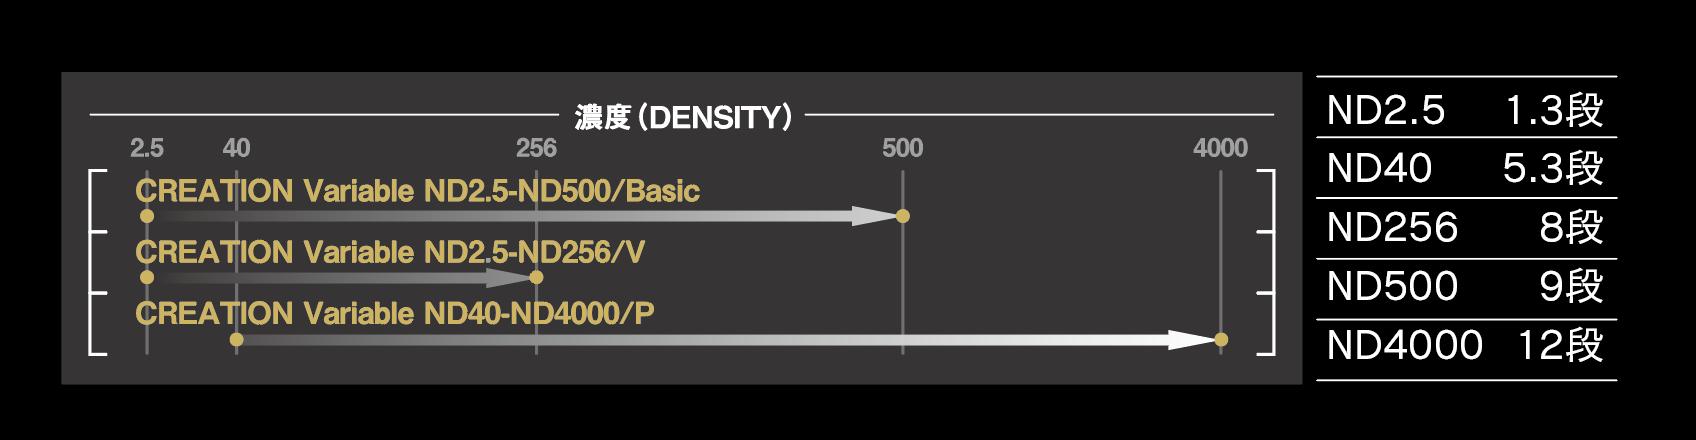 4月16日(金) Variable ND2.5-ND256/V  CREATION Variable ND40-ND4000/P発売開始! シーンに合わせて減光量を自在に調整 撮影現場での扱いやすさを突き詰めた、ワンランク上のNDです。